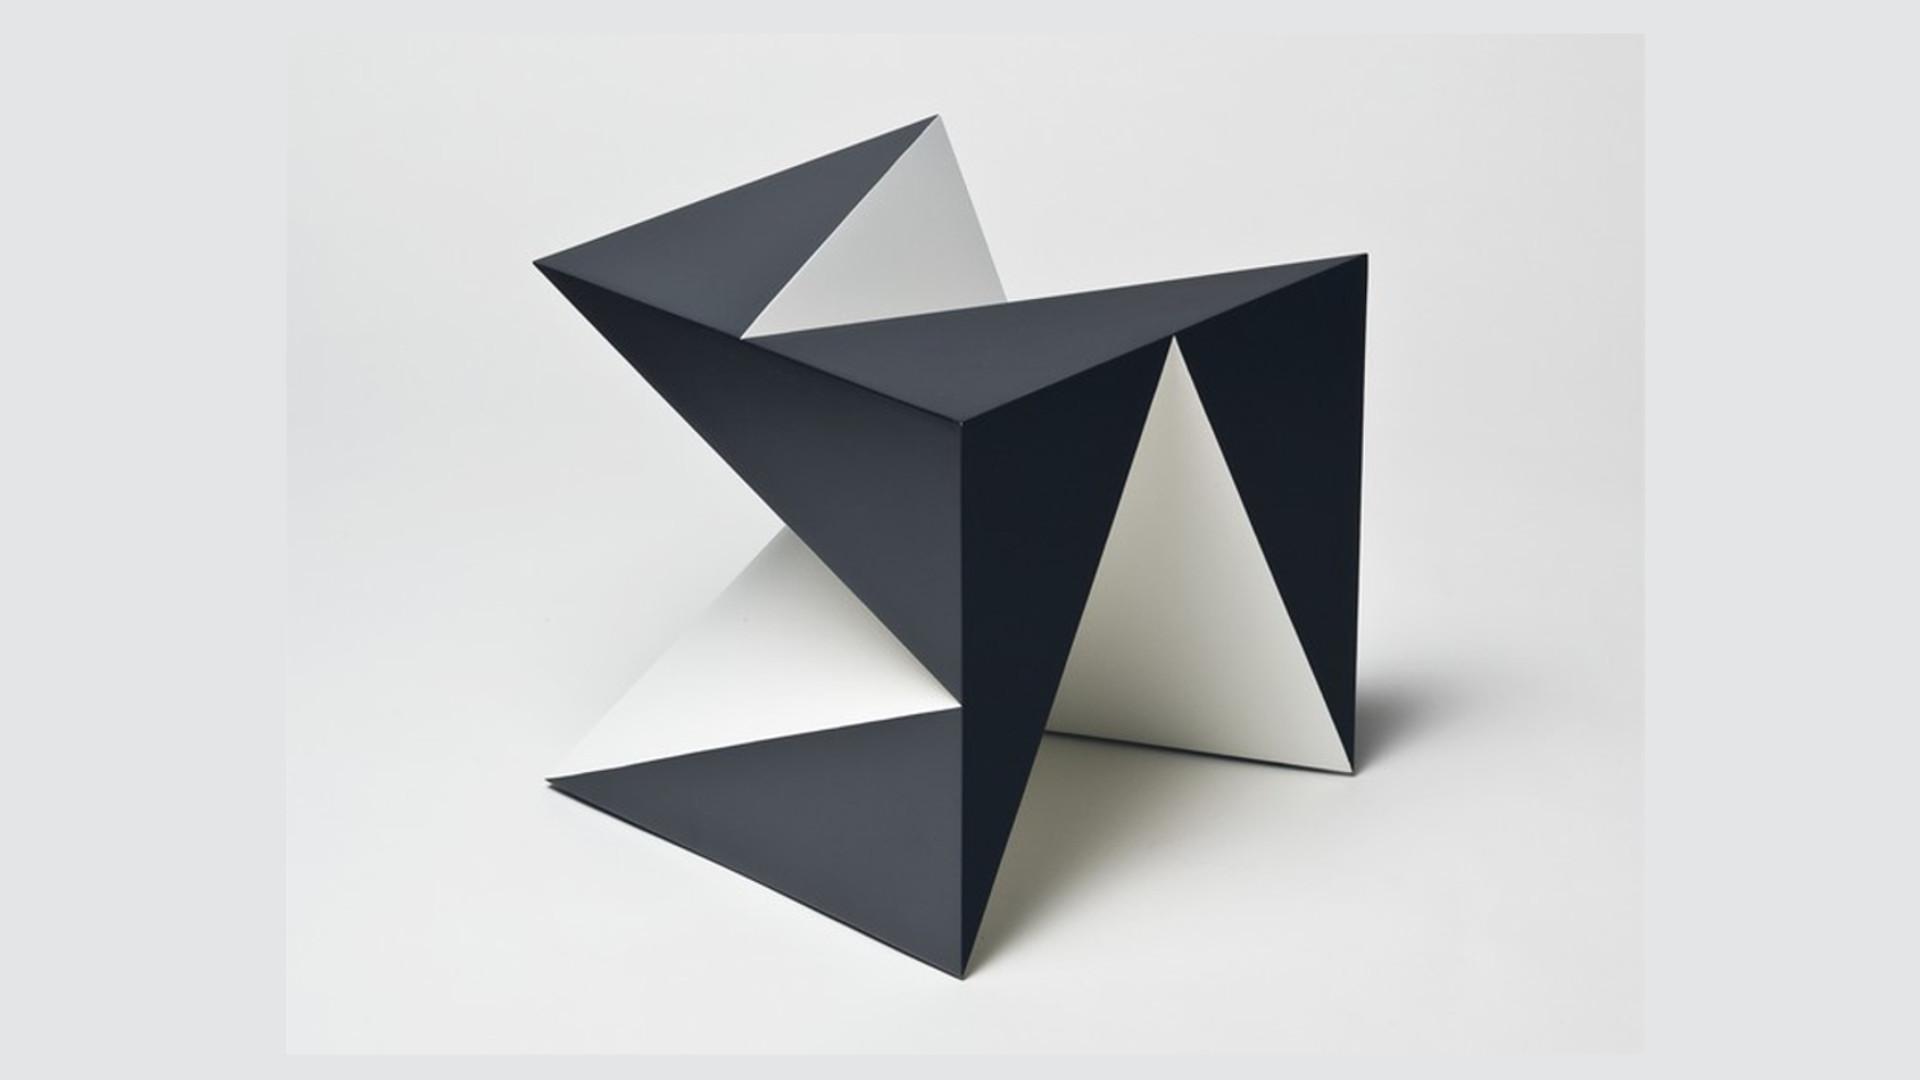 david-bill-kubus-mit-rhytmischen-ausschnitten-2010-slide5